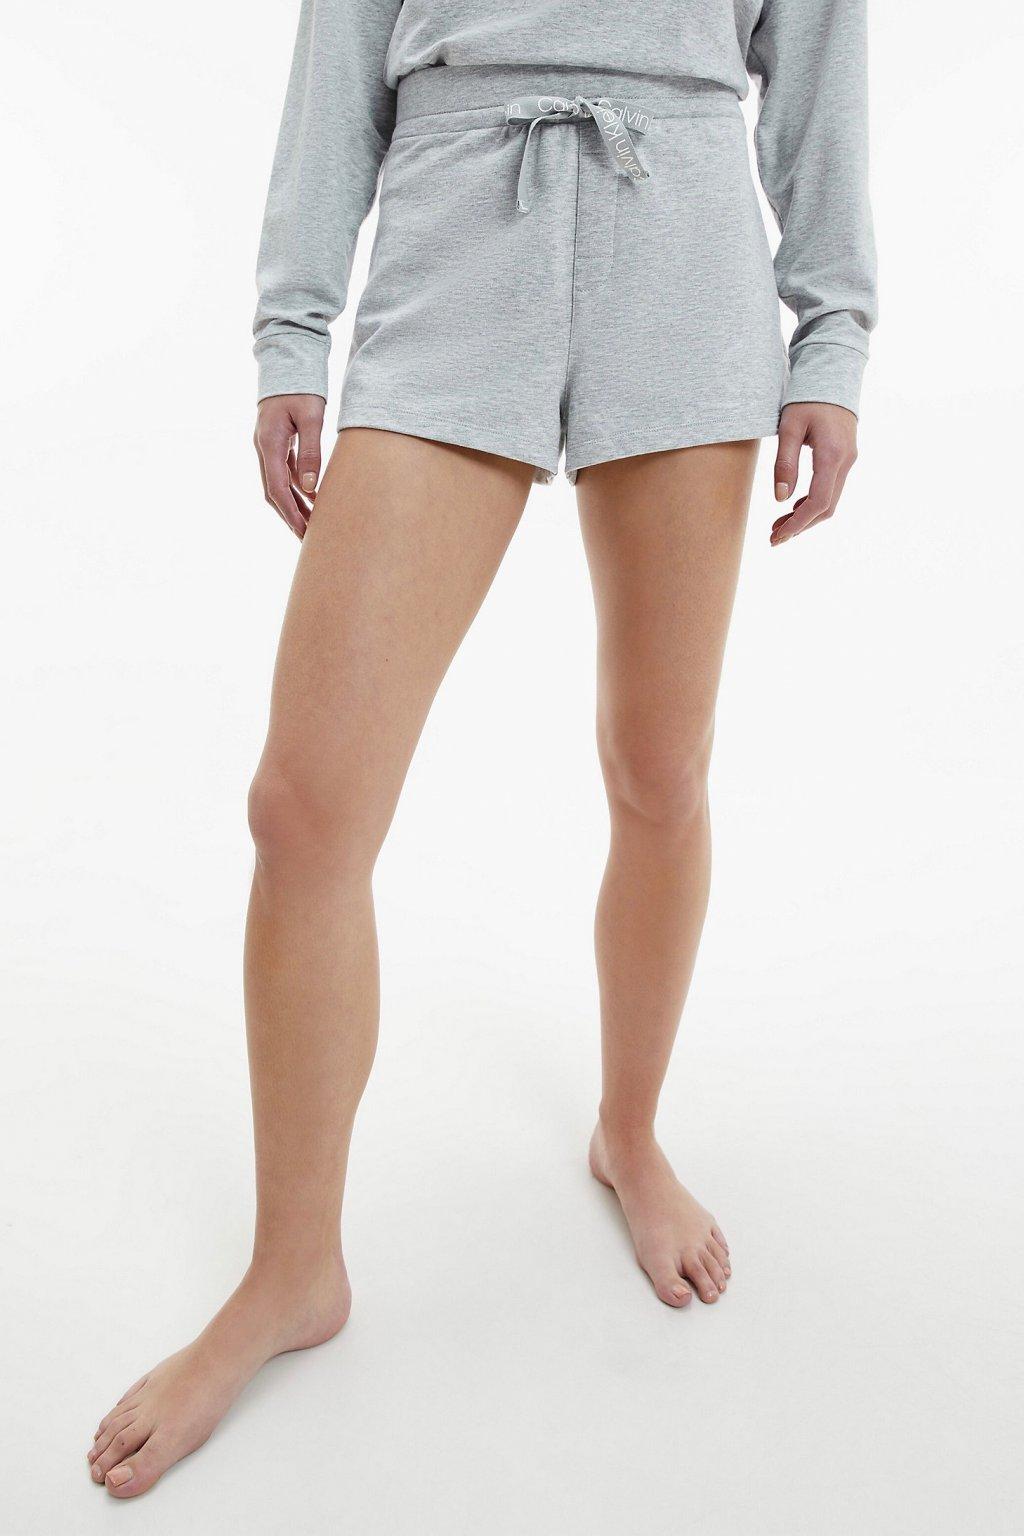 Calvin Klein šortky dámské - šedé